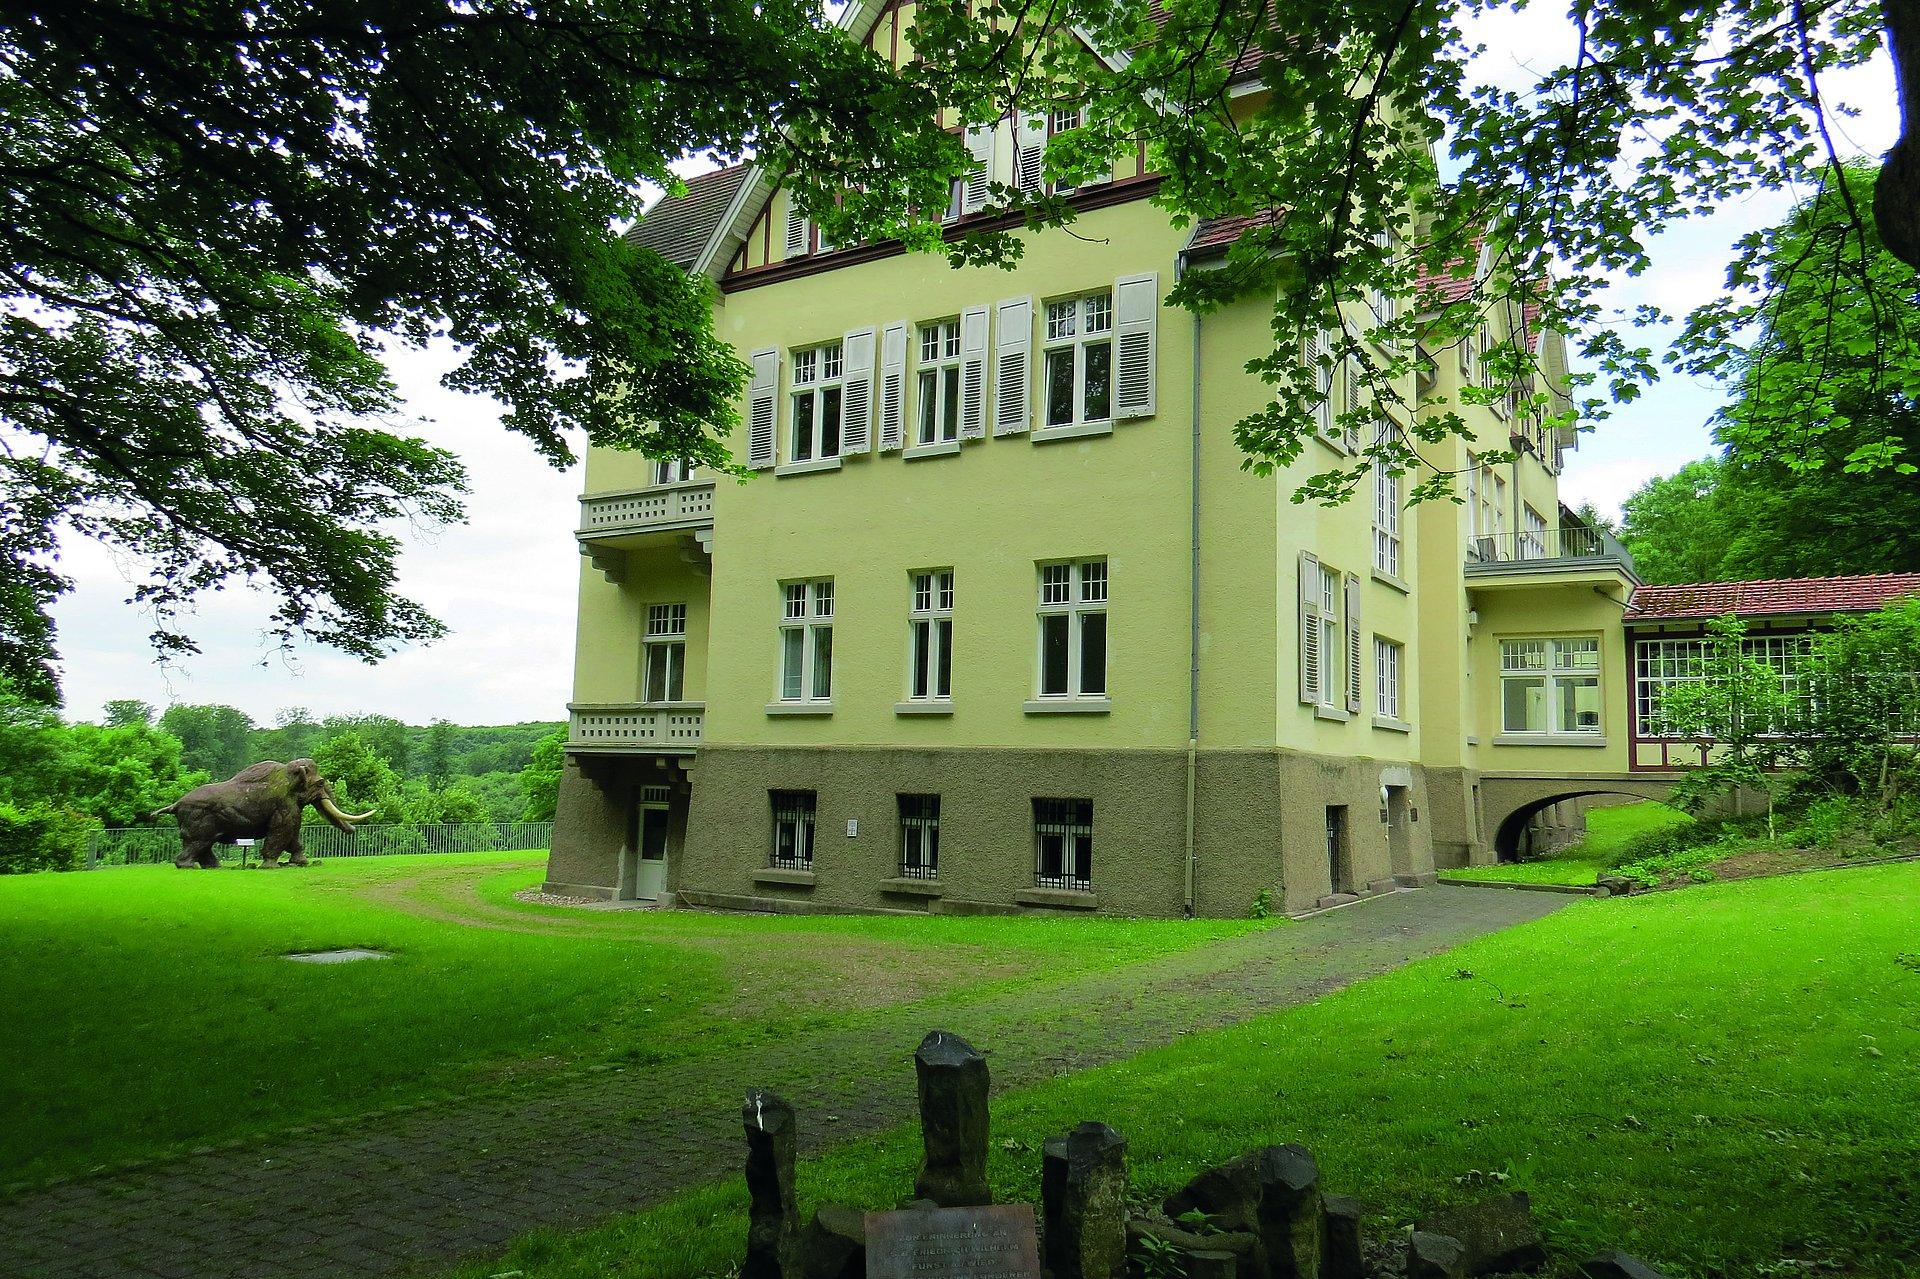 Barockes Schloss Monrepos der Fürsten zu Wied, Romantischer Rhein